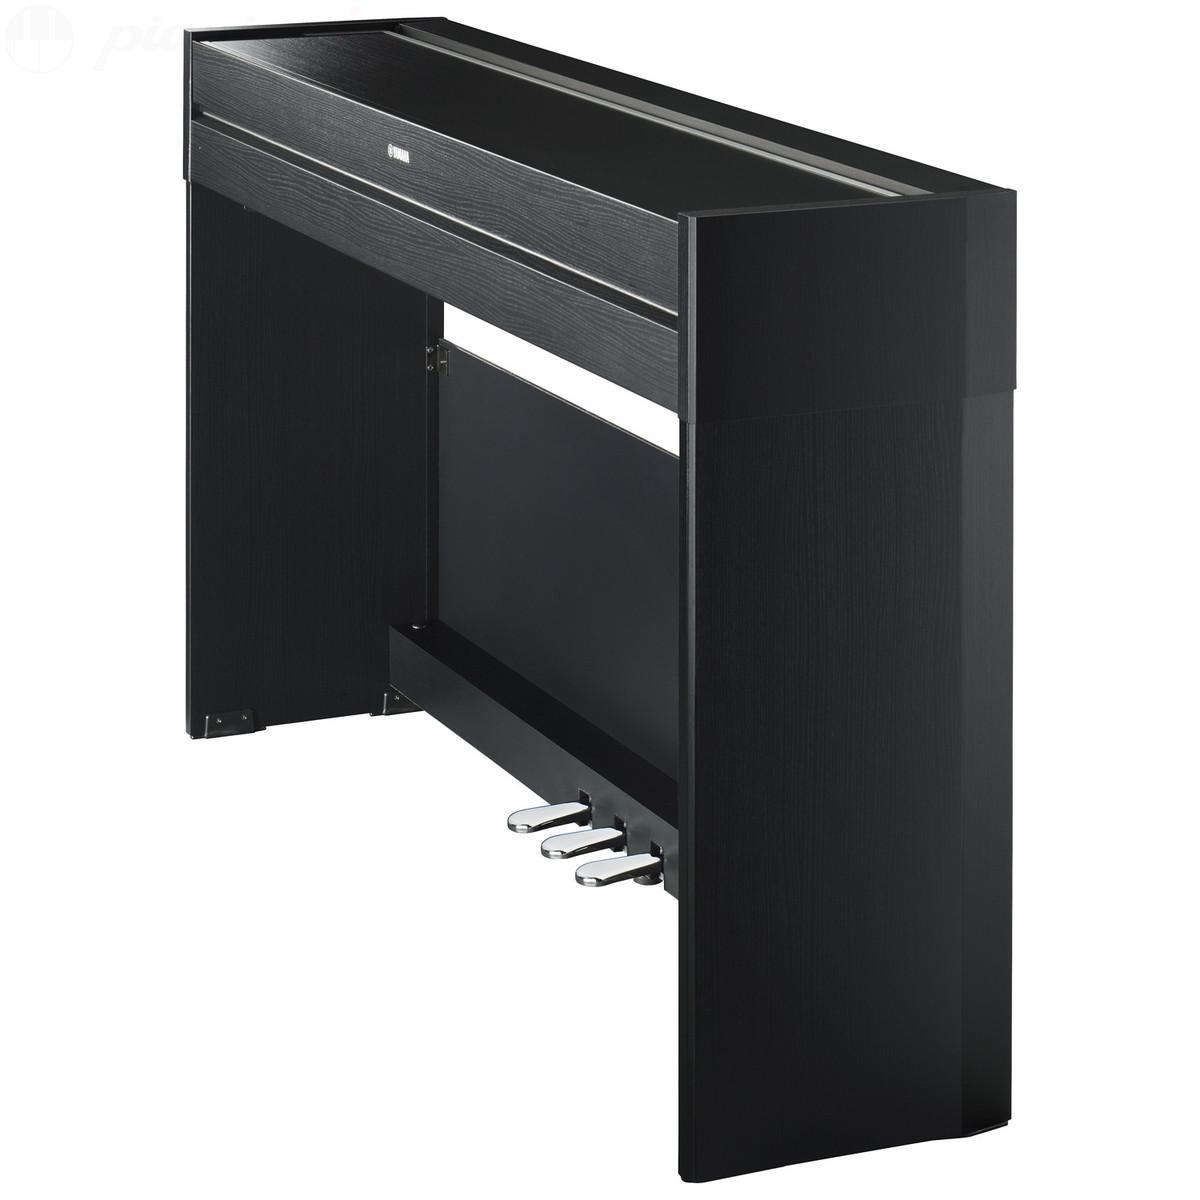 Цифровое пианино Yamaha Arius YDP-S52 Black Walnut Фото 3